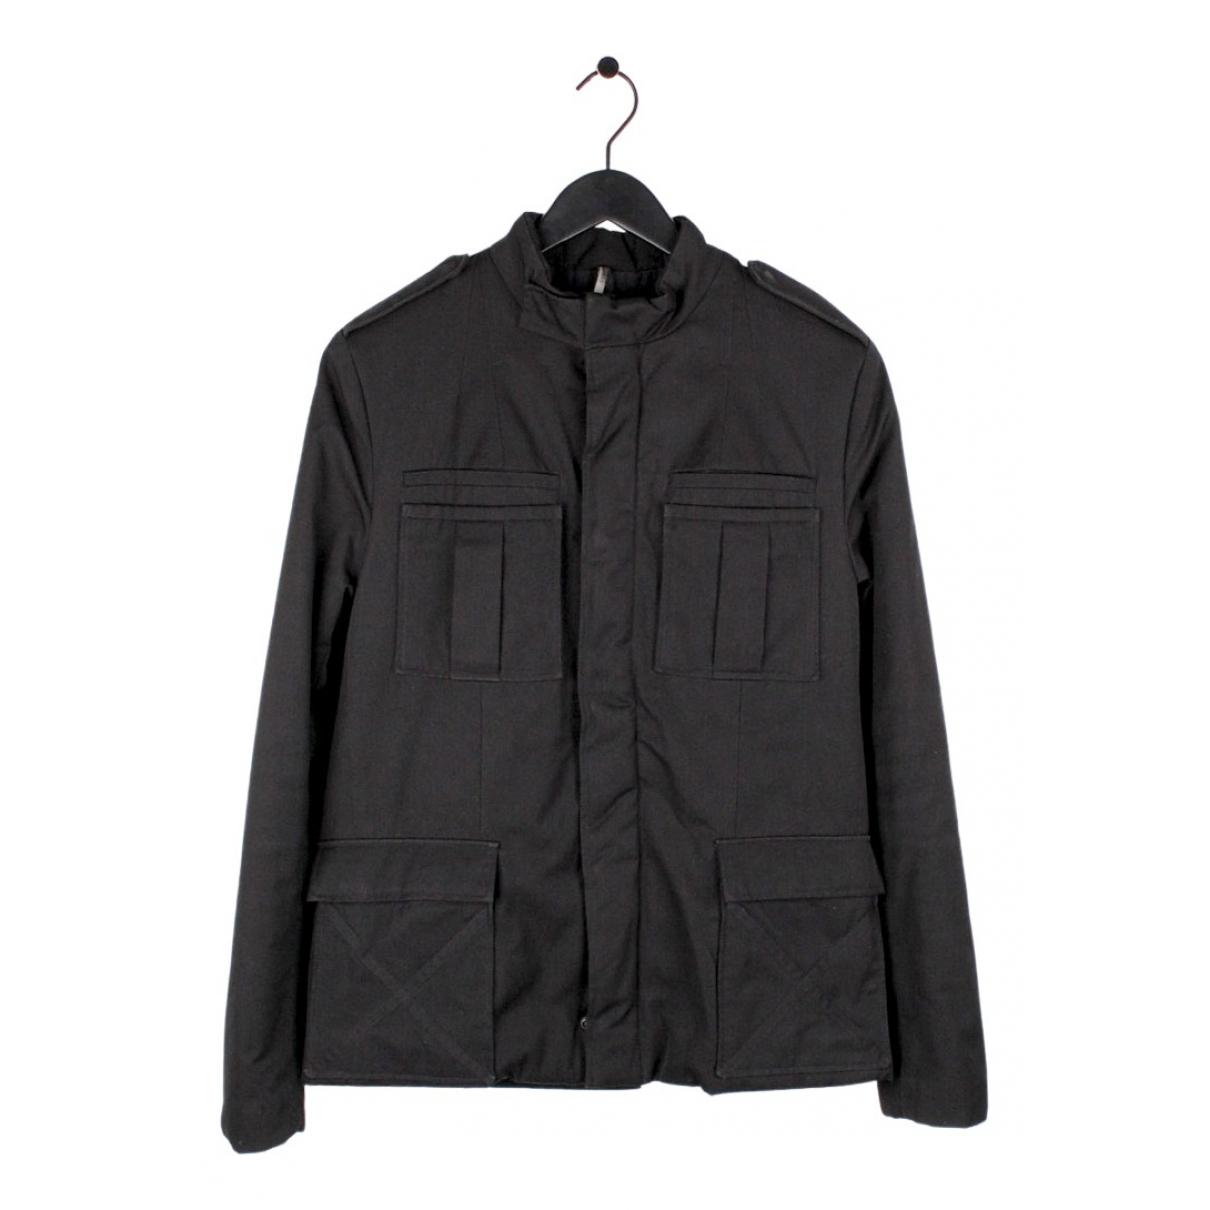 Dior Homme \N Black jacket  for Men M International